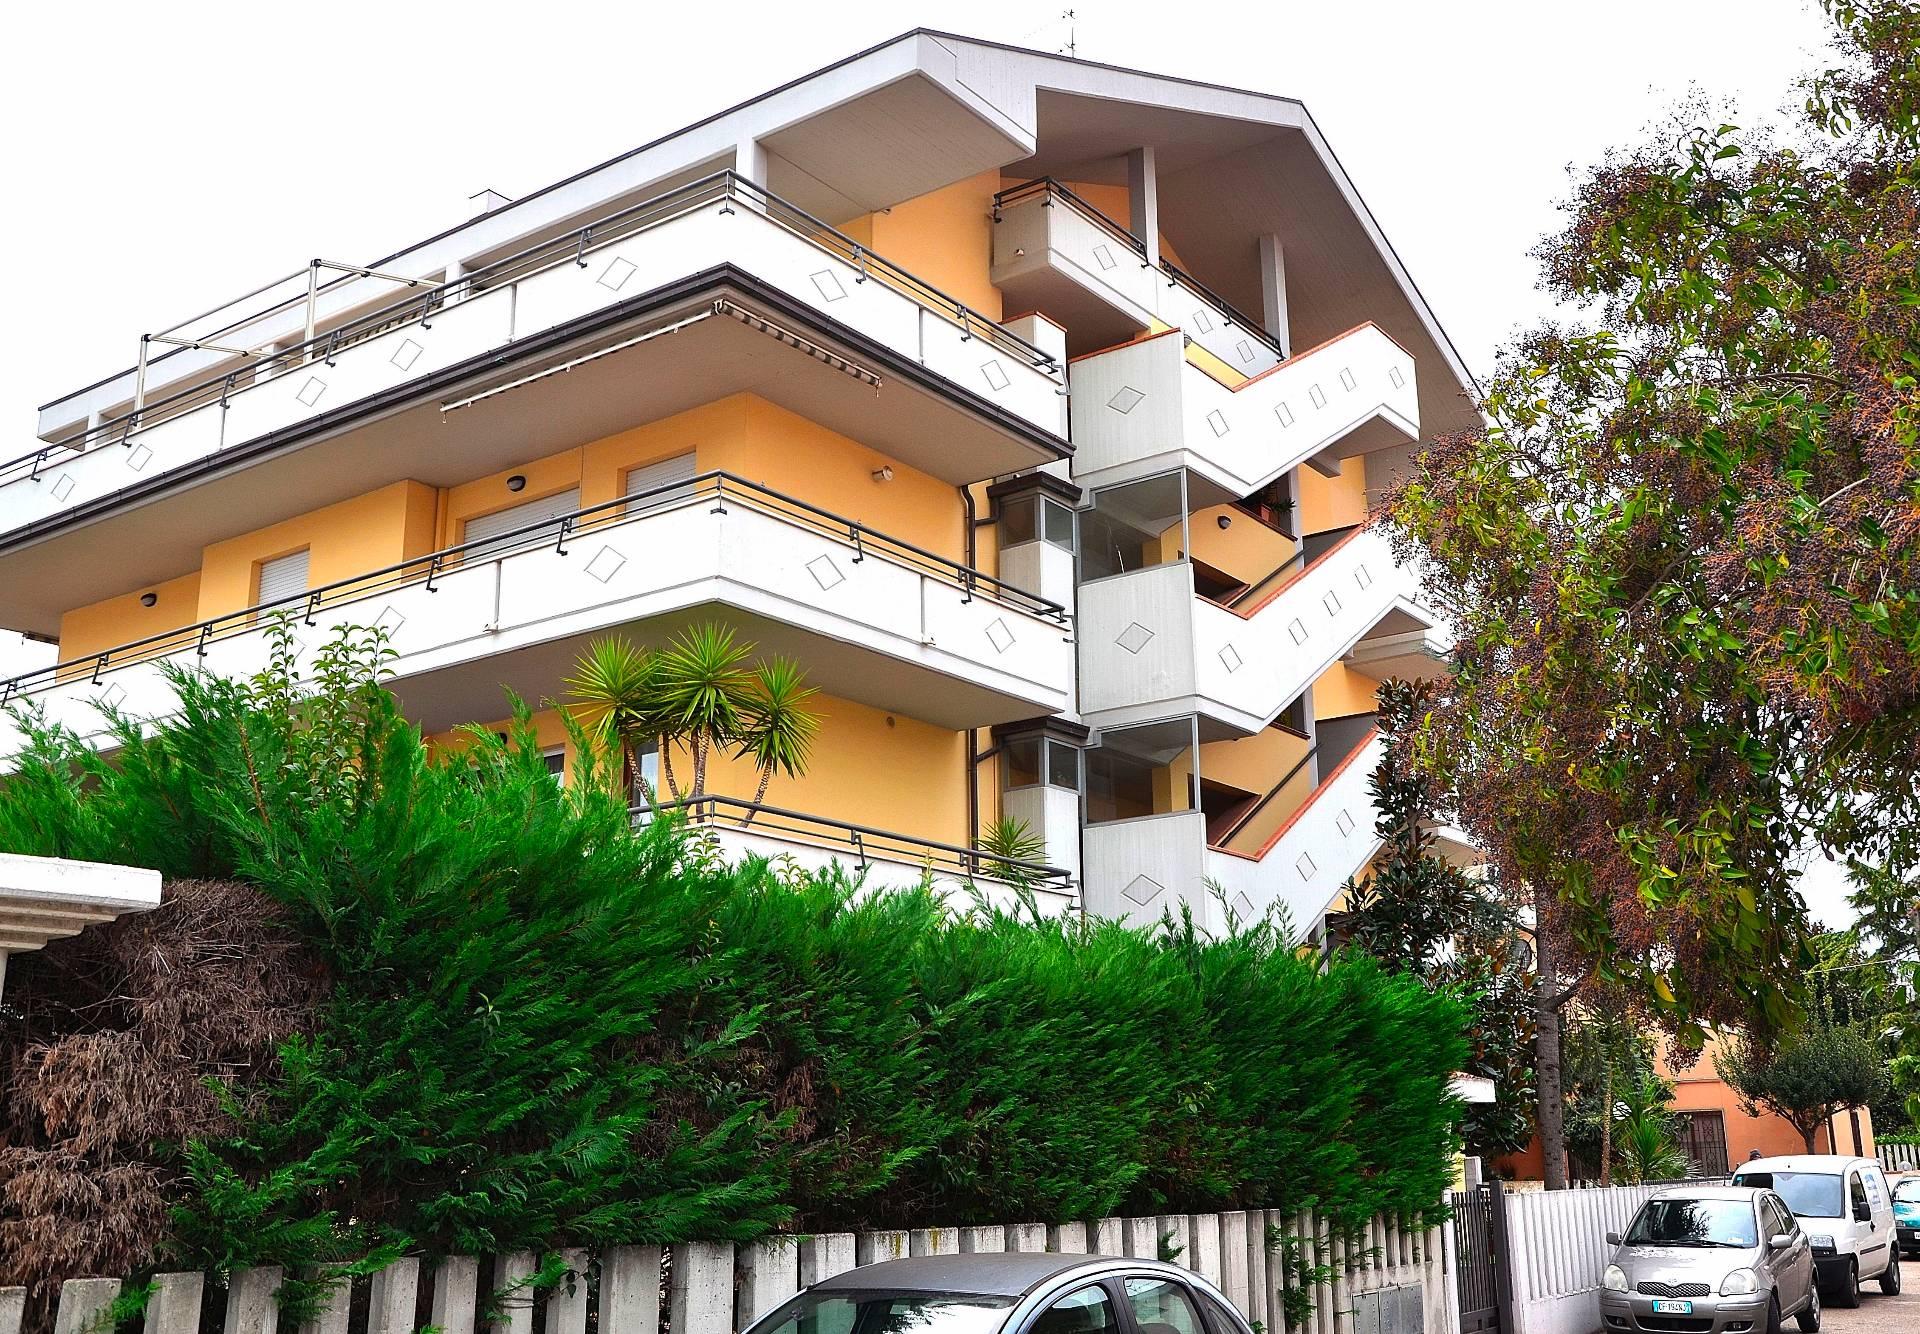 Appartamento in vendita a Montesilvano, 5 locali, zona Località: mare, prezzo € 200.000 | CambioCasa.it